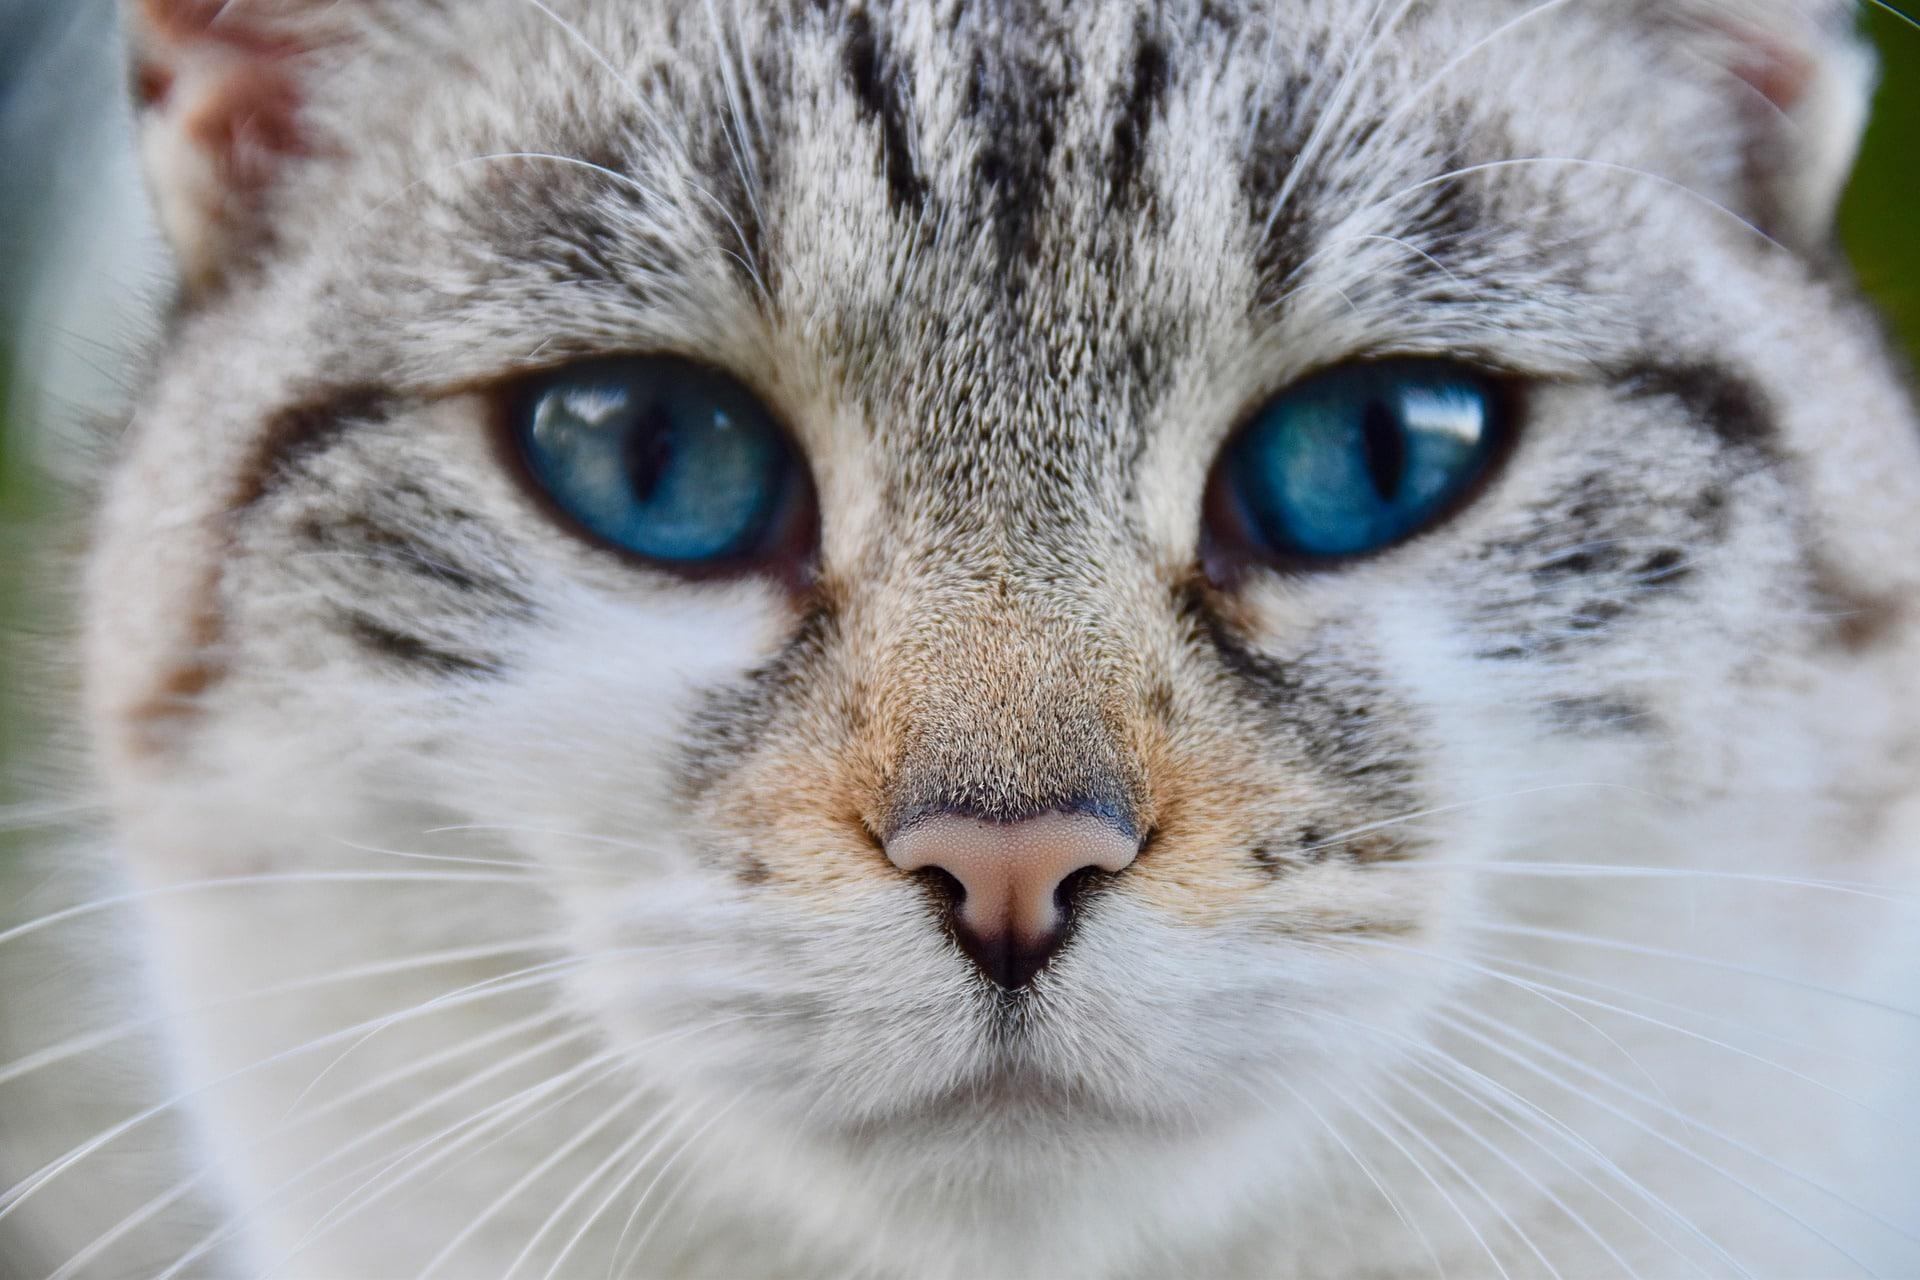 La castración en gatos dura sobre unos 60 minutos